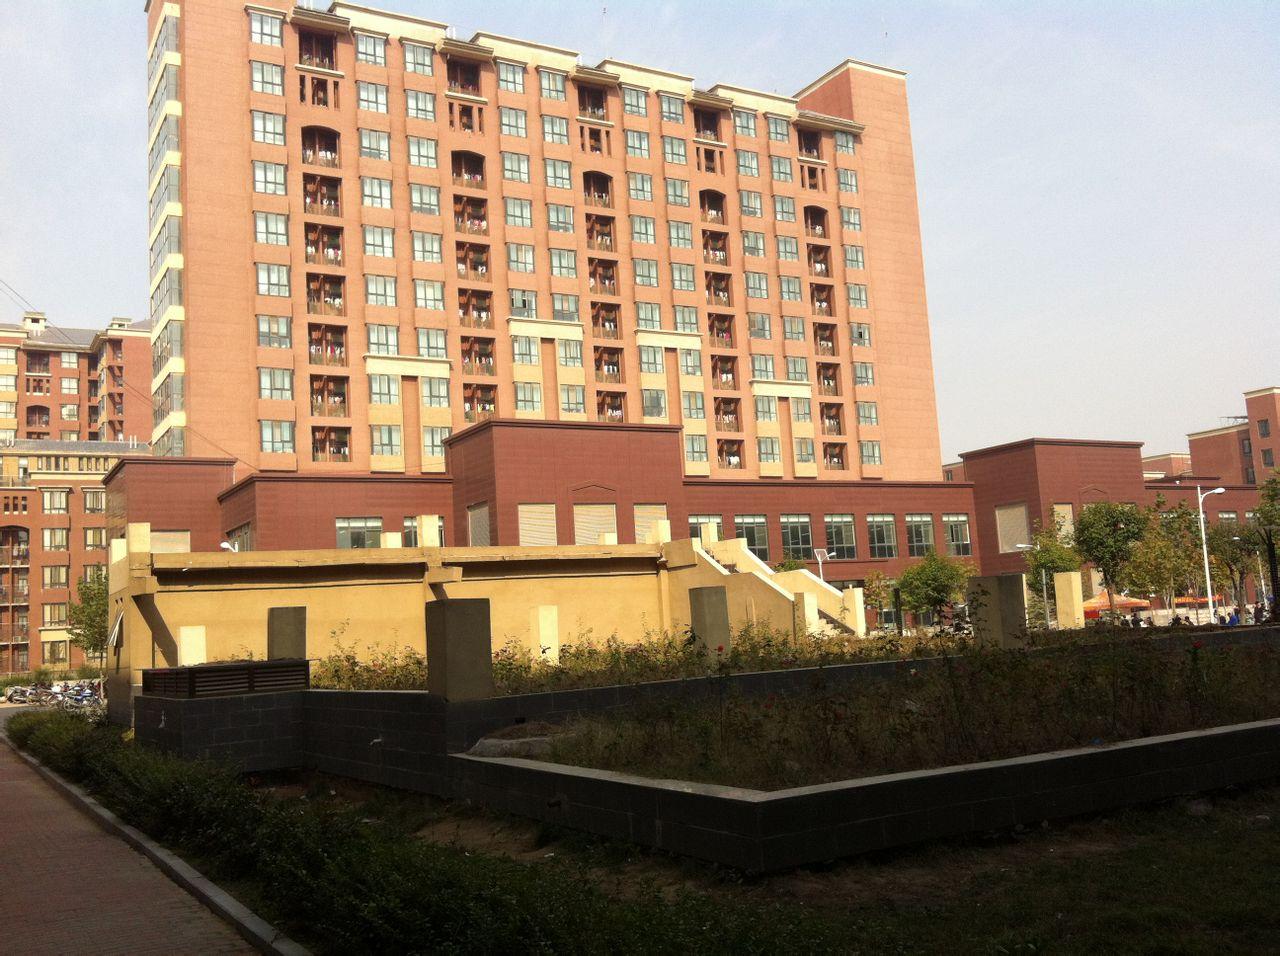 武汉富士康宿舍图片图片大全 武汉首批富士康园区公租房实为图片